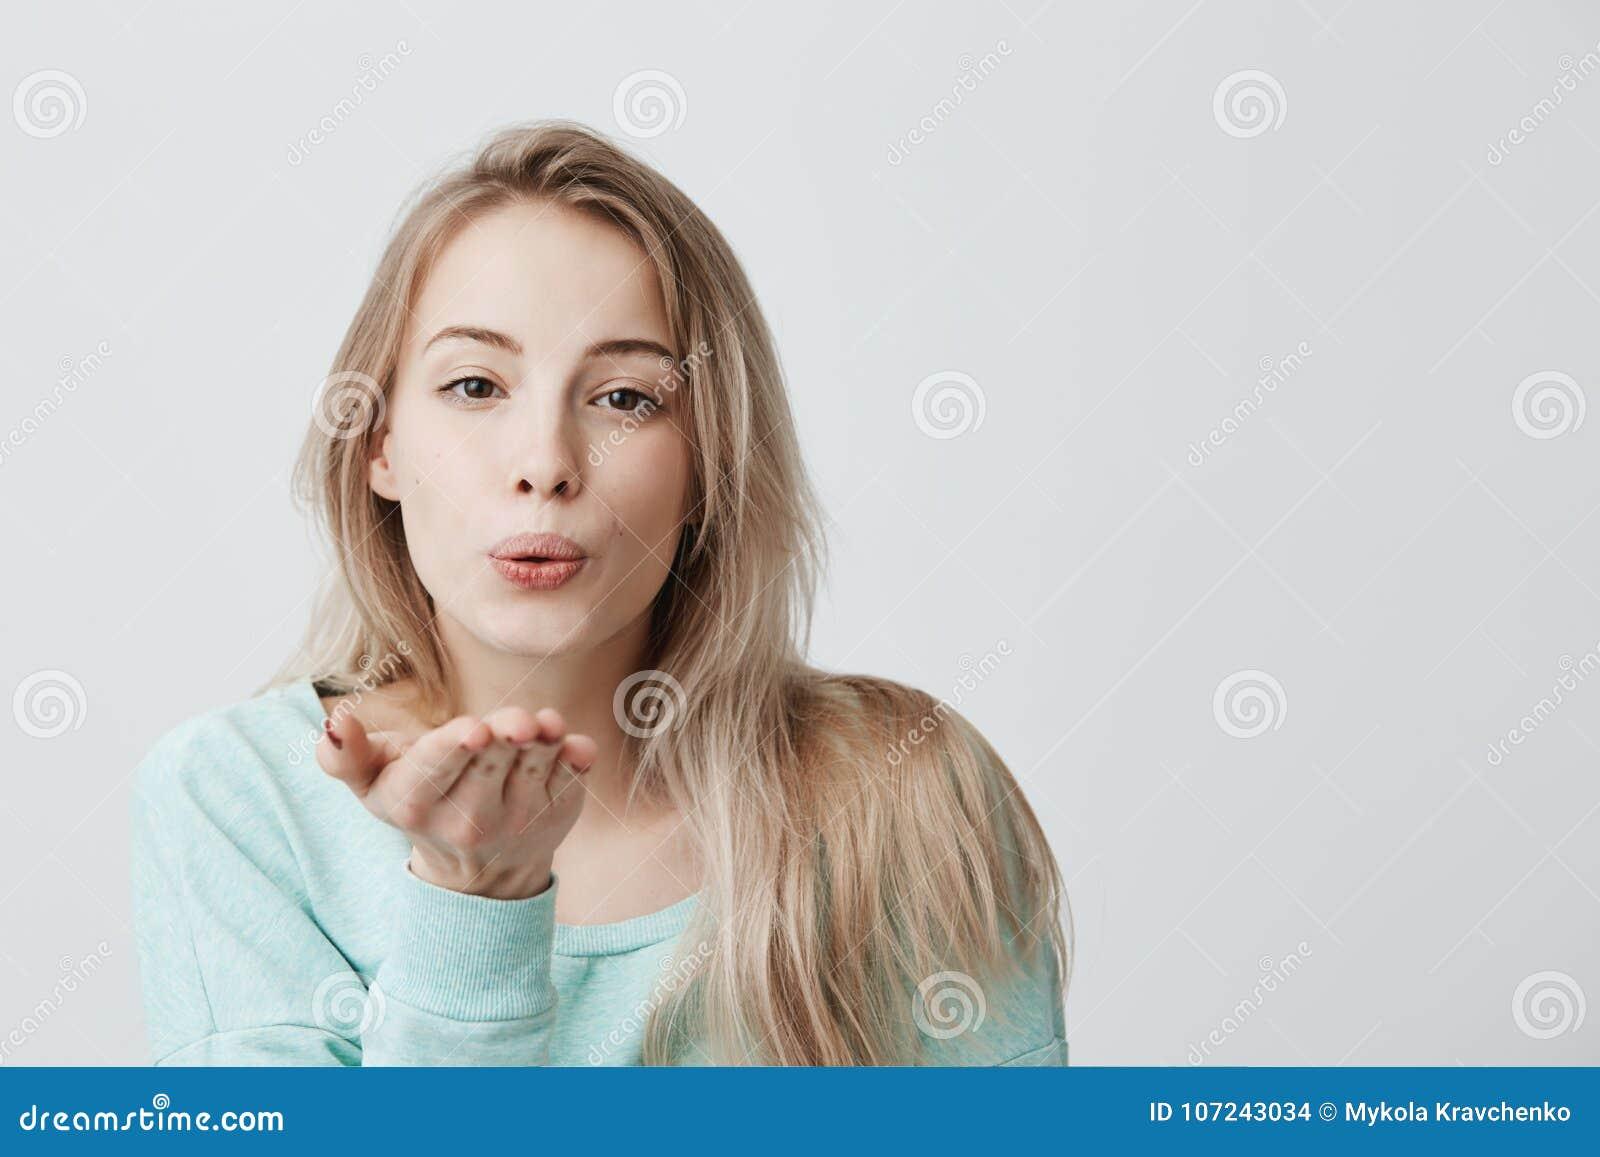 Il ritratto di giovane donna caucasica attraente che posa con il bacio  sulle sue labbra con la bionda ha tinto i capelli ce5c9502a70a